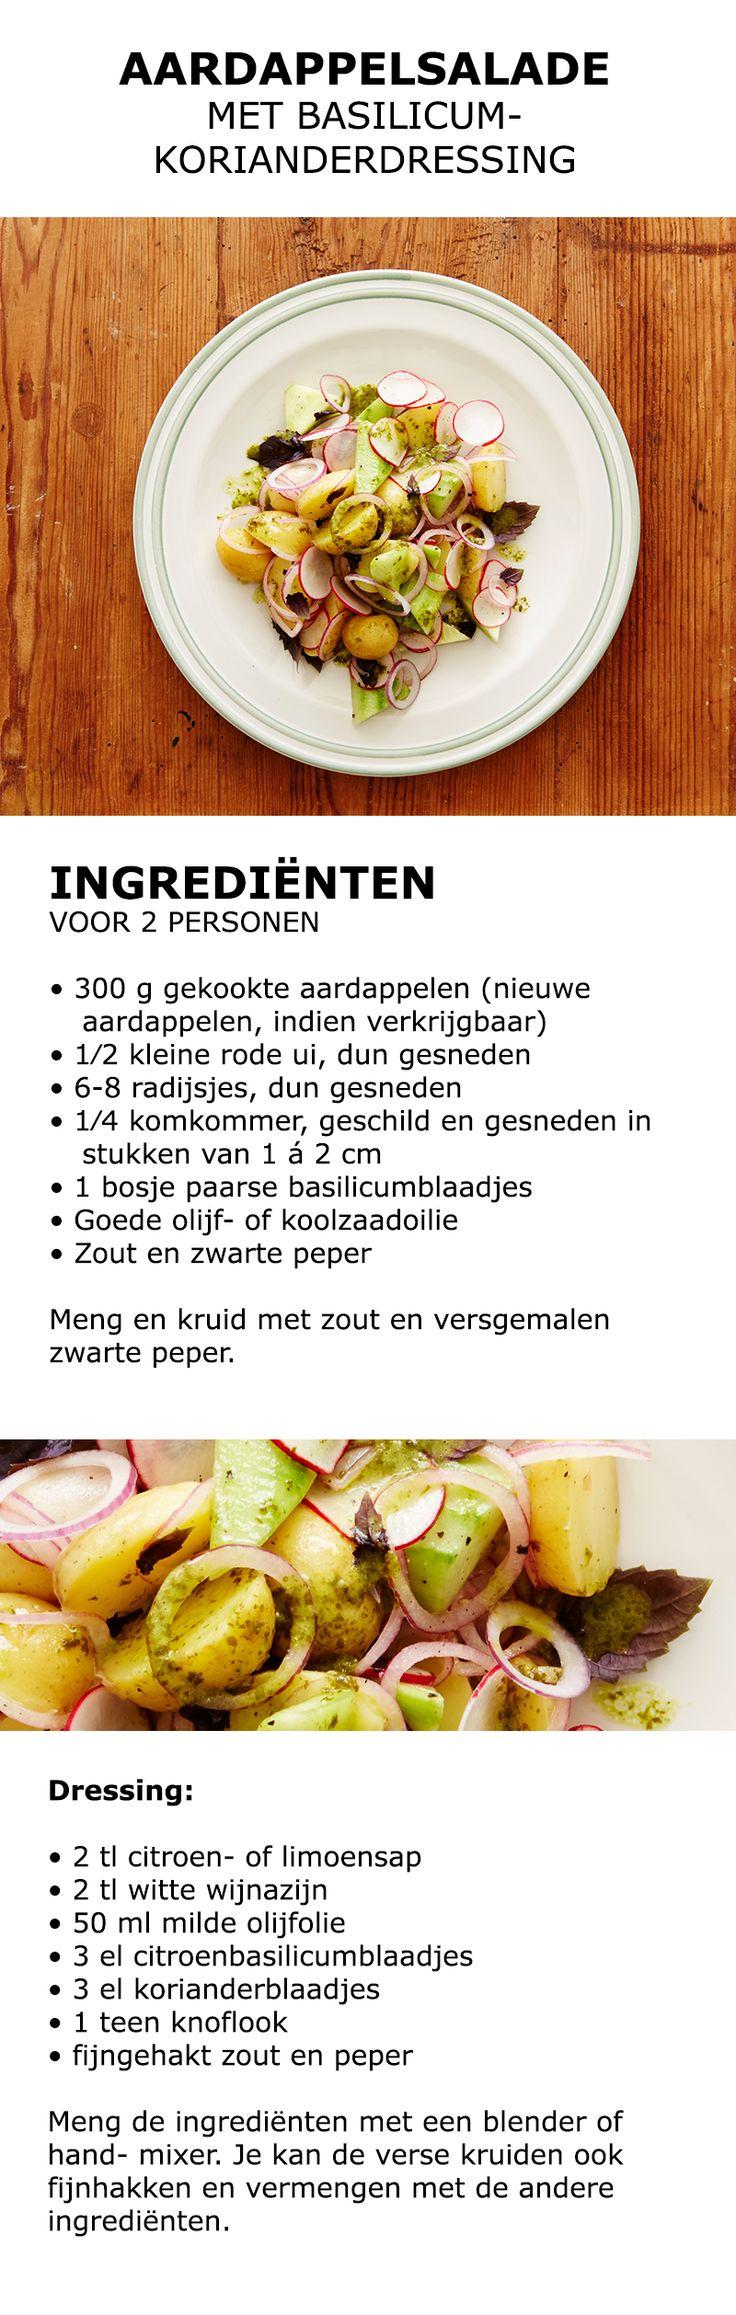 Inspiratie in de keuken - Aardappelsalade | #IKEA #IKEAnl #inspiratie #koken #eten #aardappel #salade #kweken #tuinieren #groente #kruiden